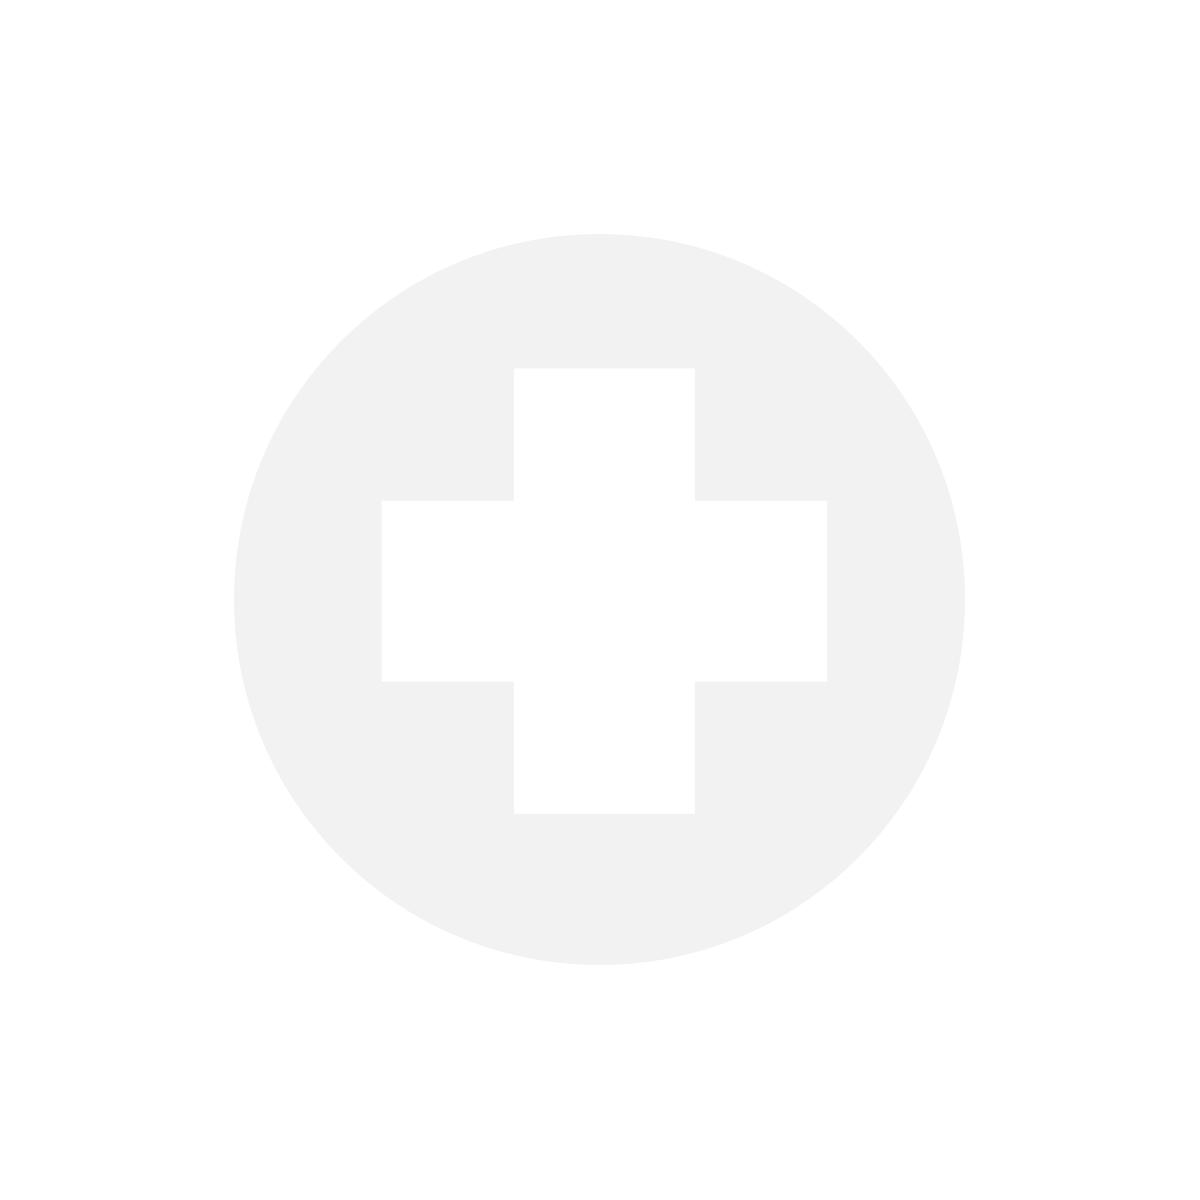 CARNET de Rendez-Vous Physiotherapie.com